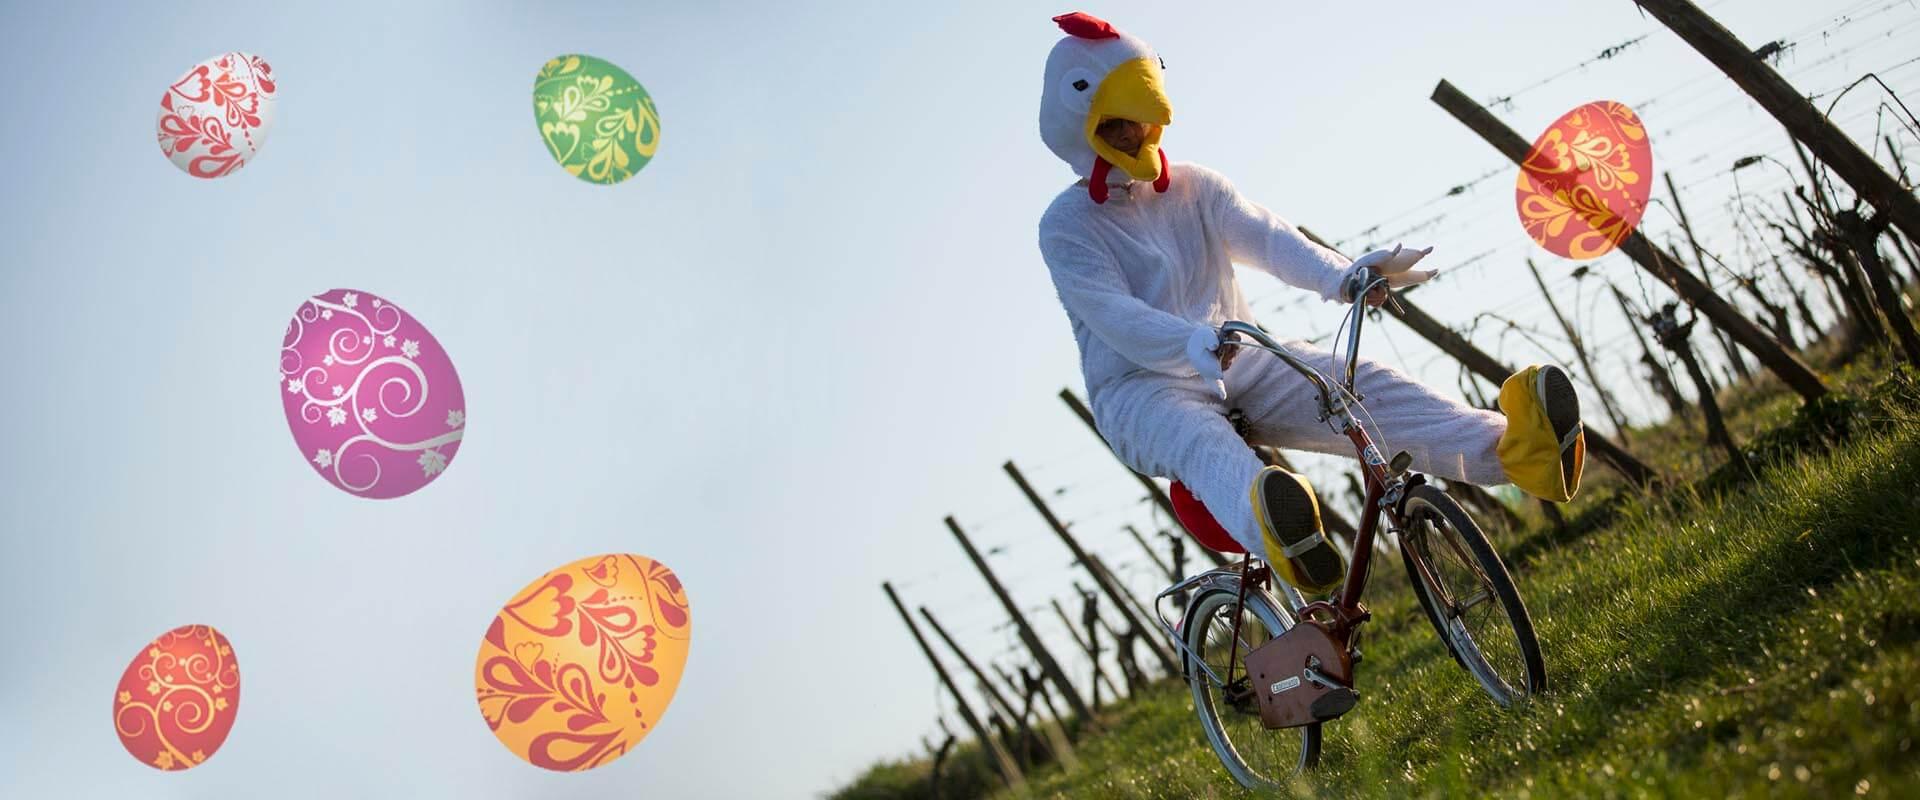 MarcoVelo vous souhaite<br> d'excellentes fêtes de pâques